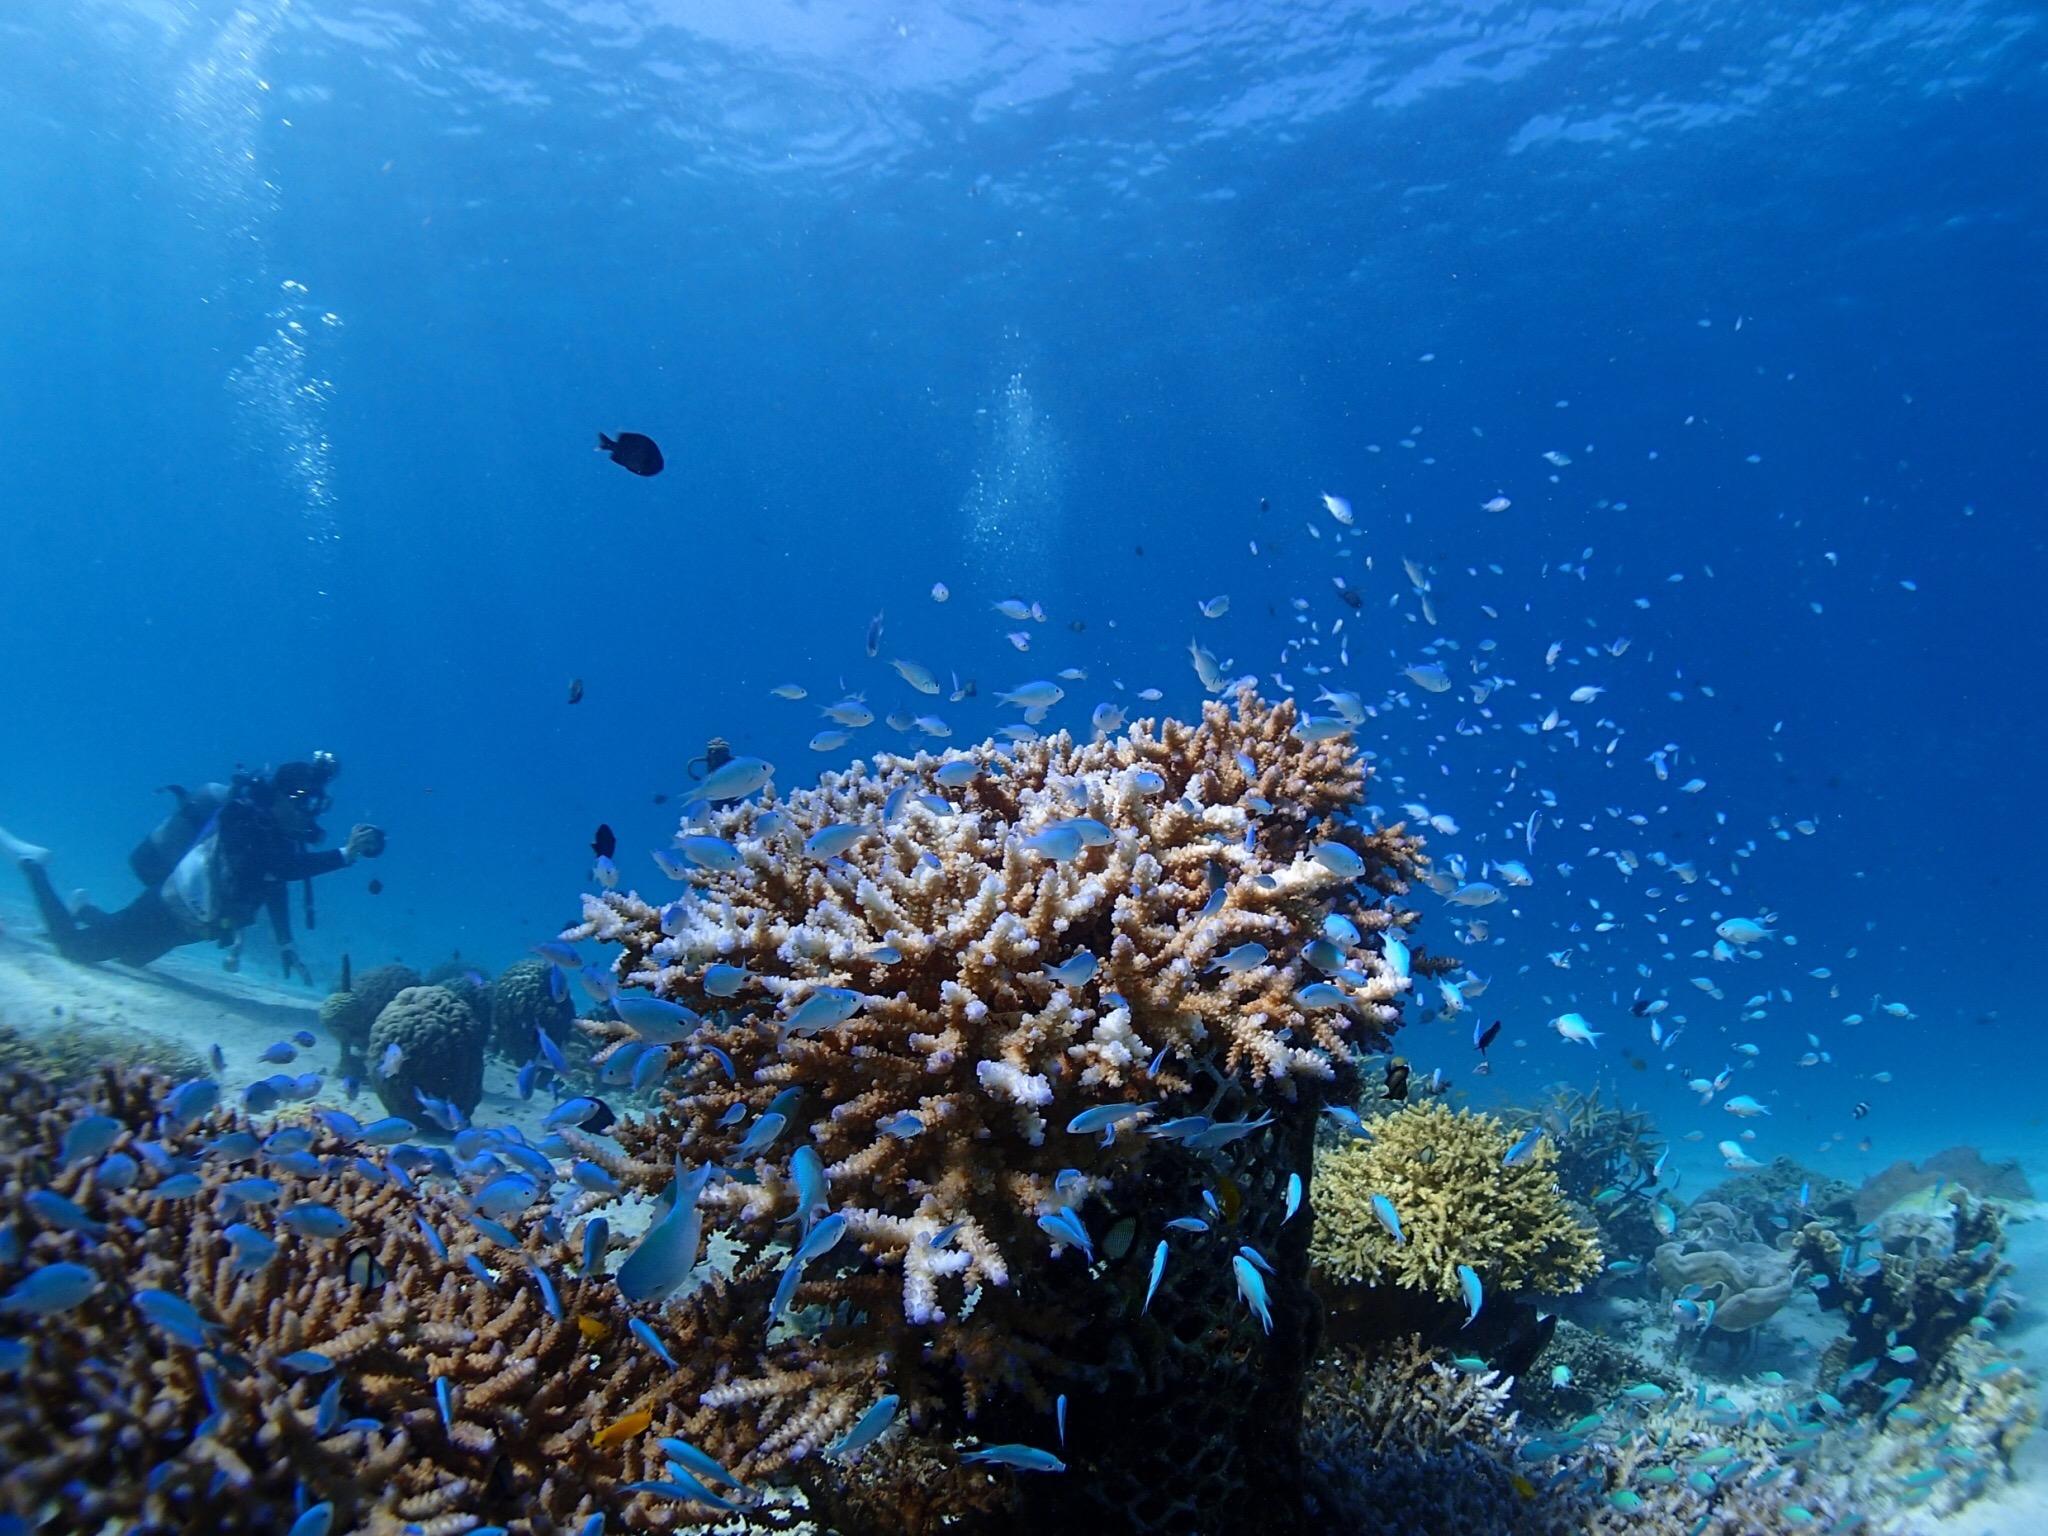 各地のガイドに聞く今シーズンの海の様子は! -2020年 現地の海から 【沖縄Ⅱ】編-